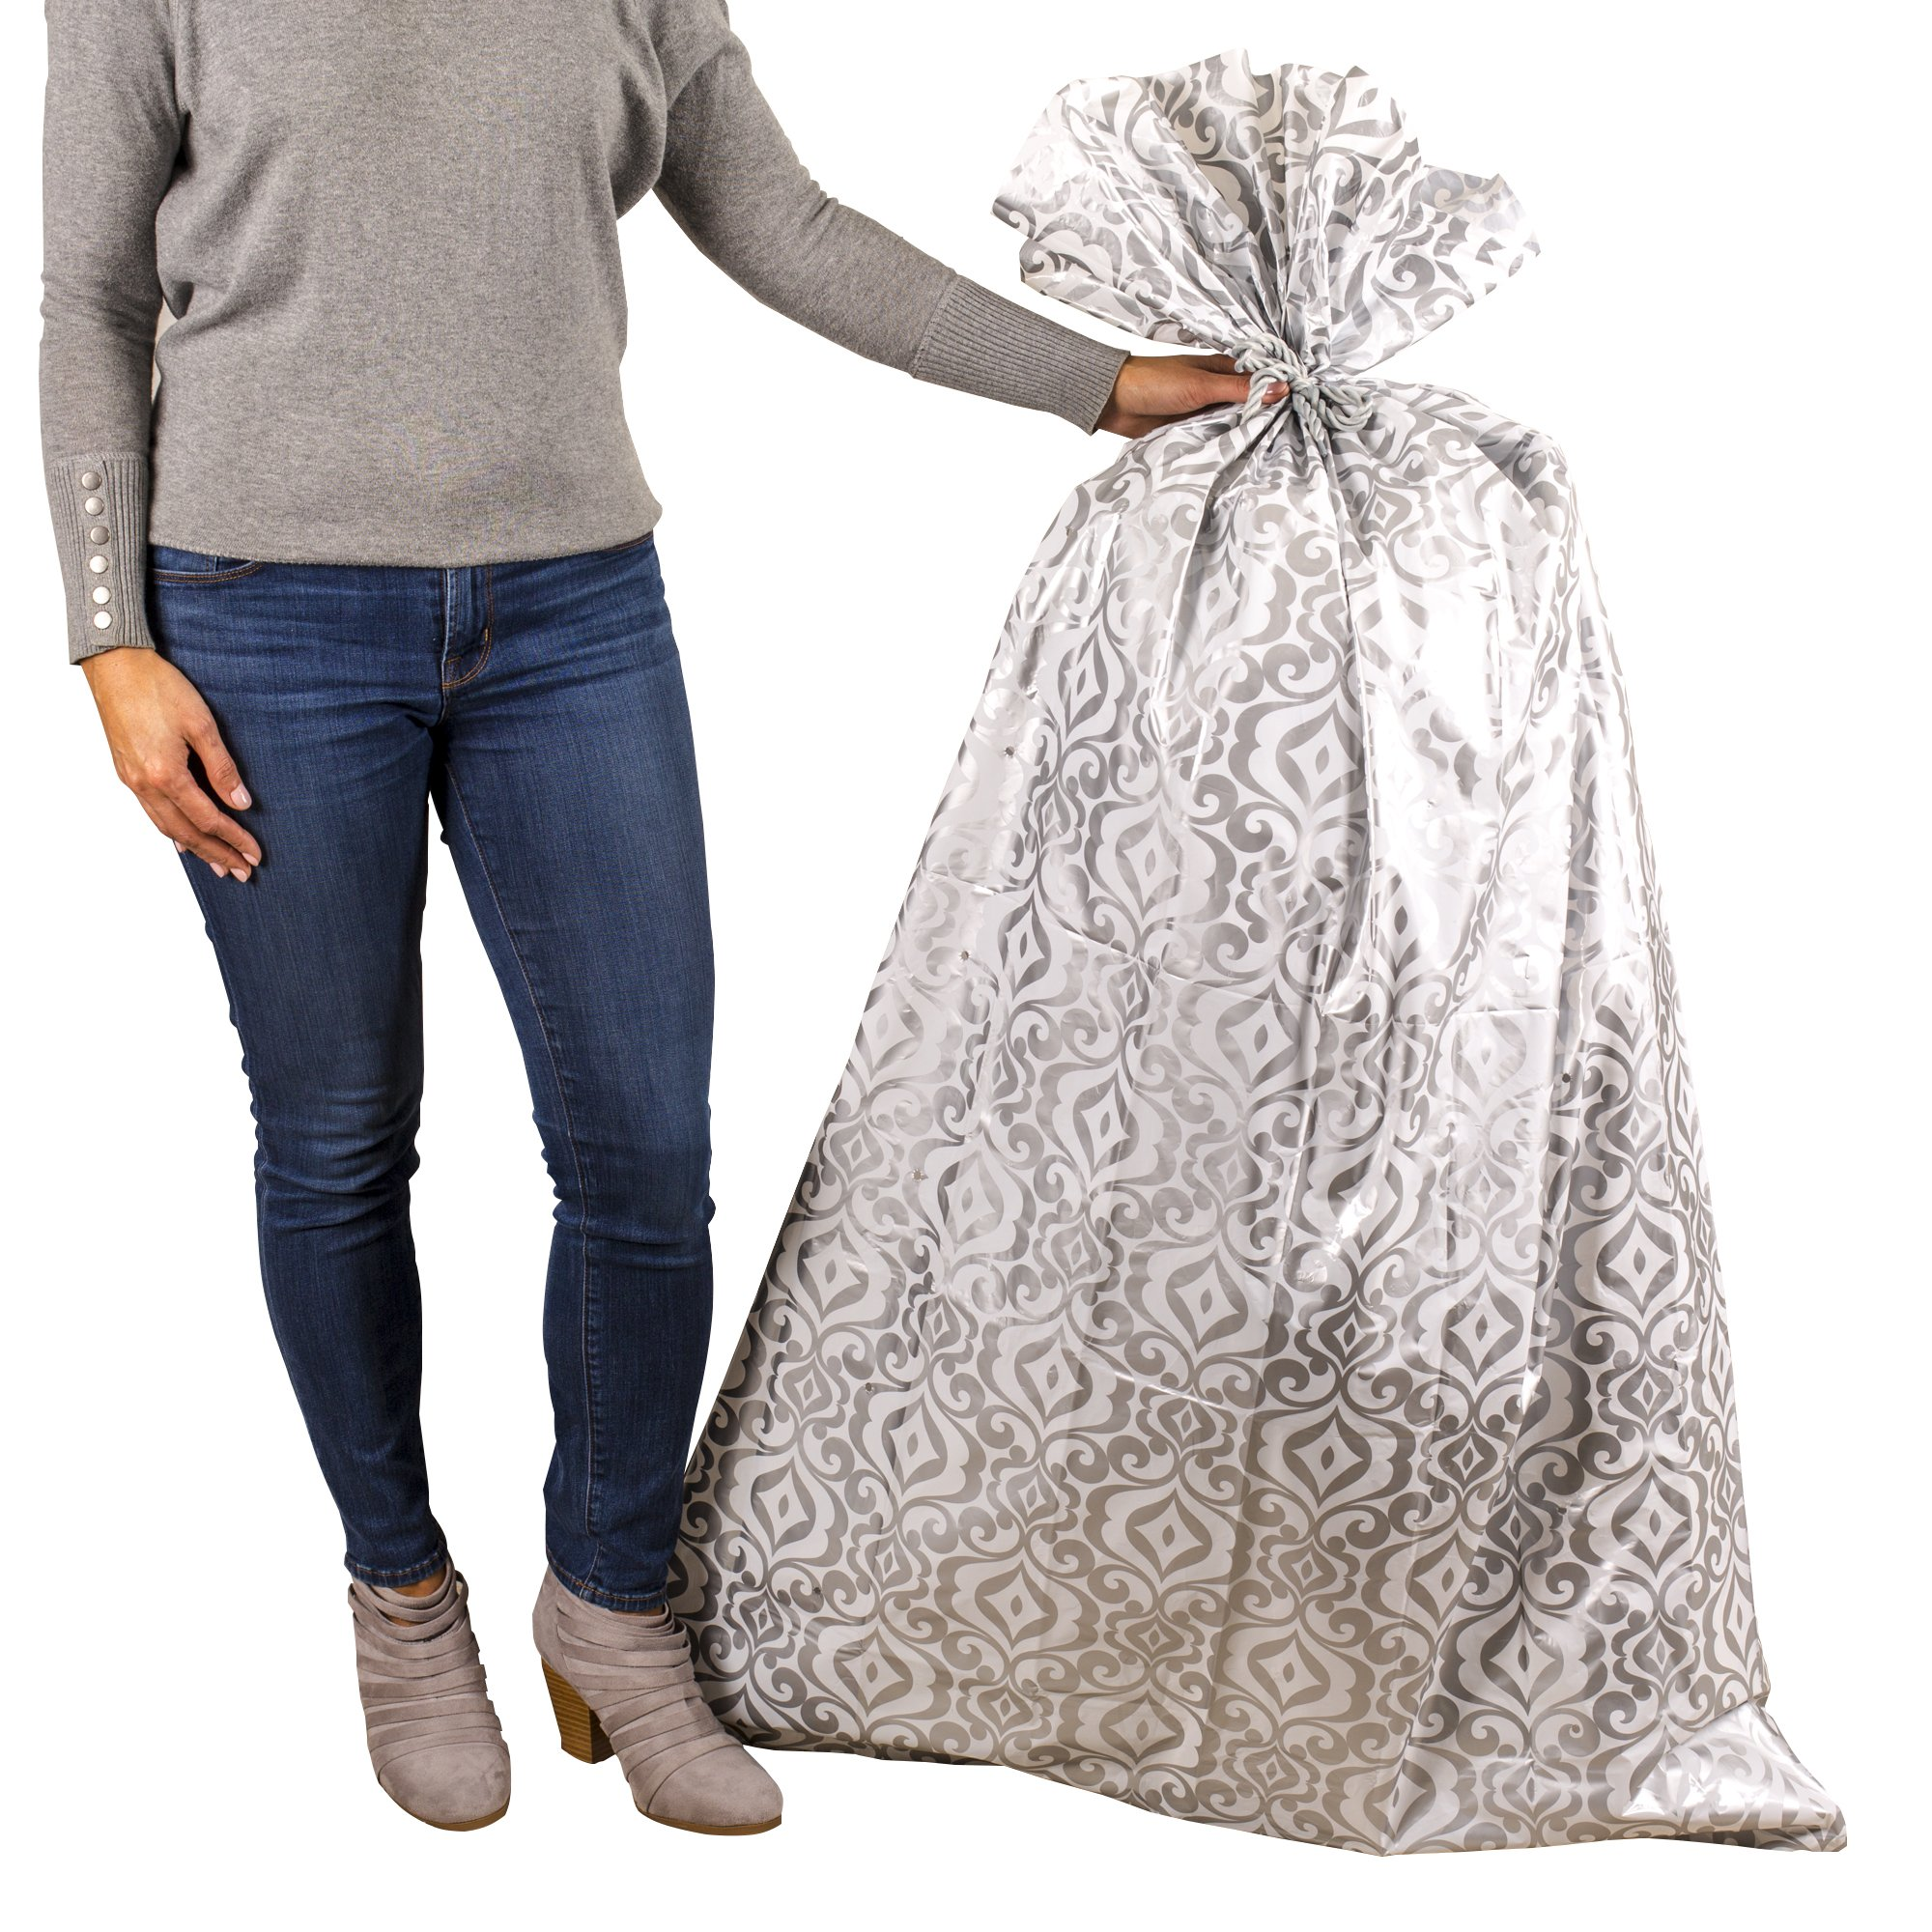 Amazon.com: Pack of 6 Jumbo Gift Bags - Giant Plastic Gift Sacks in ...